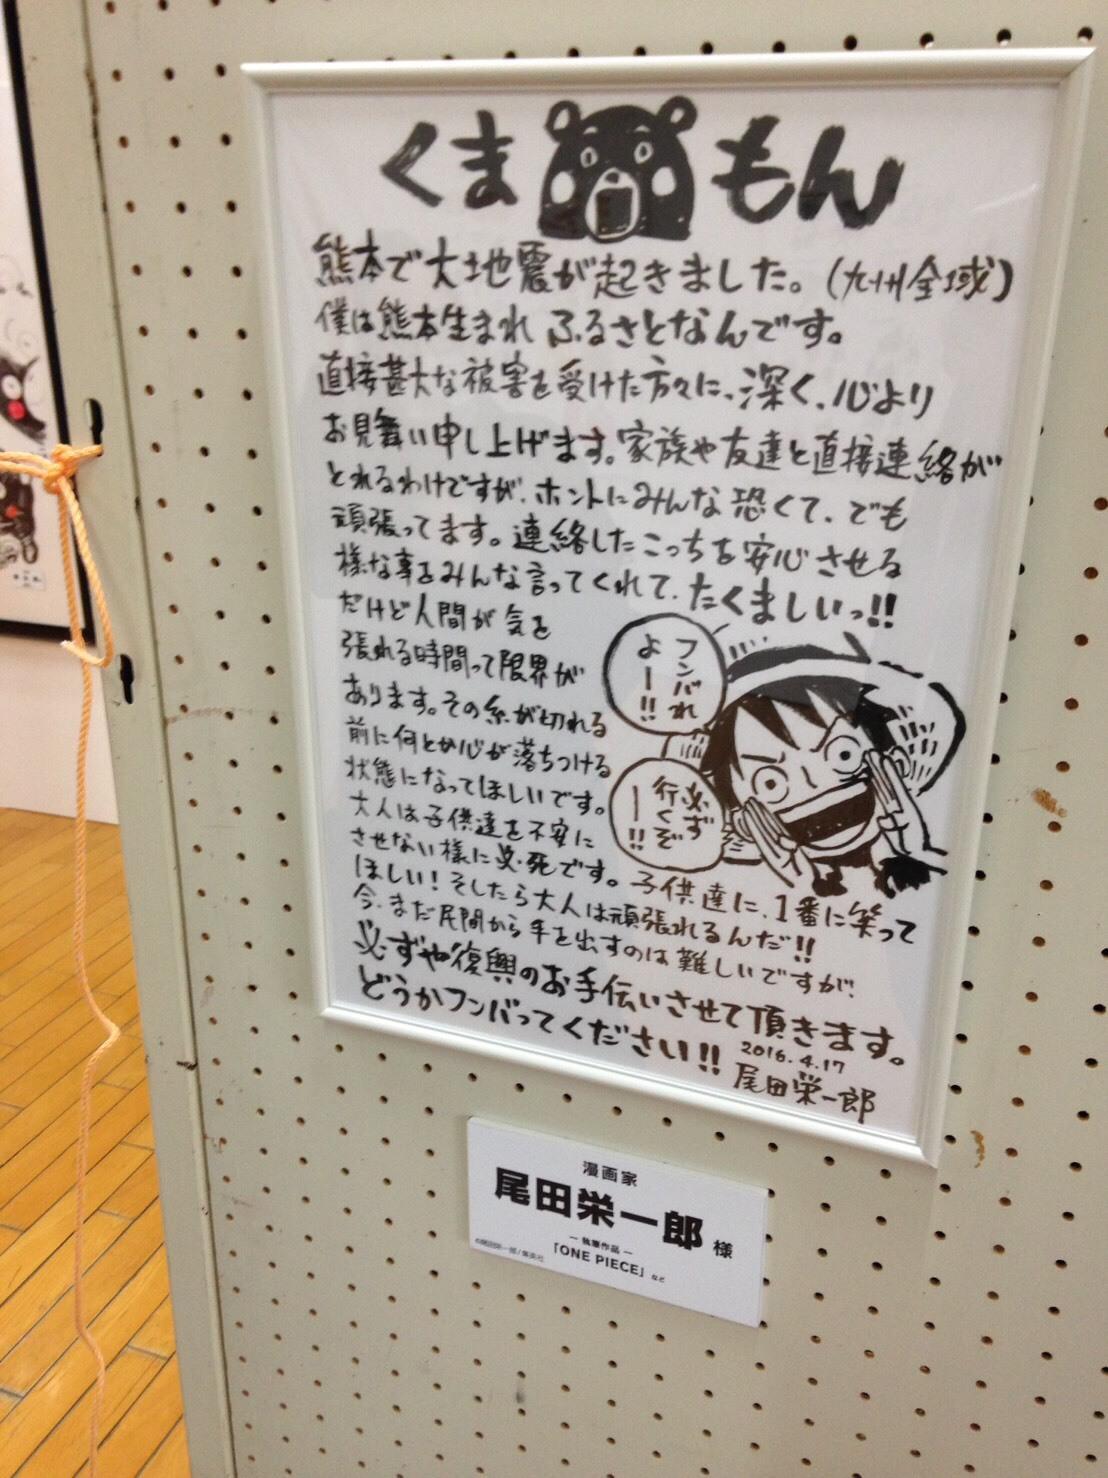 南阿蘇鉄道「ワンピースラッピング列車」出発セレモニー_a0163623_23174267.jpg